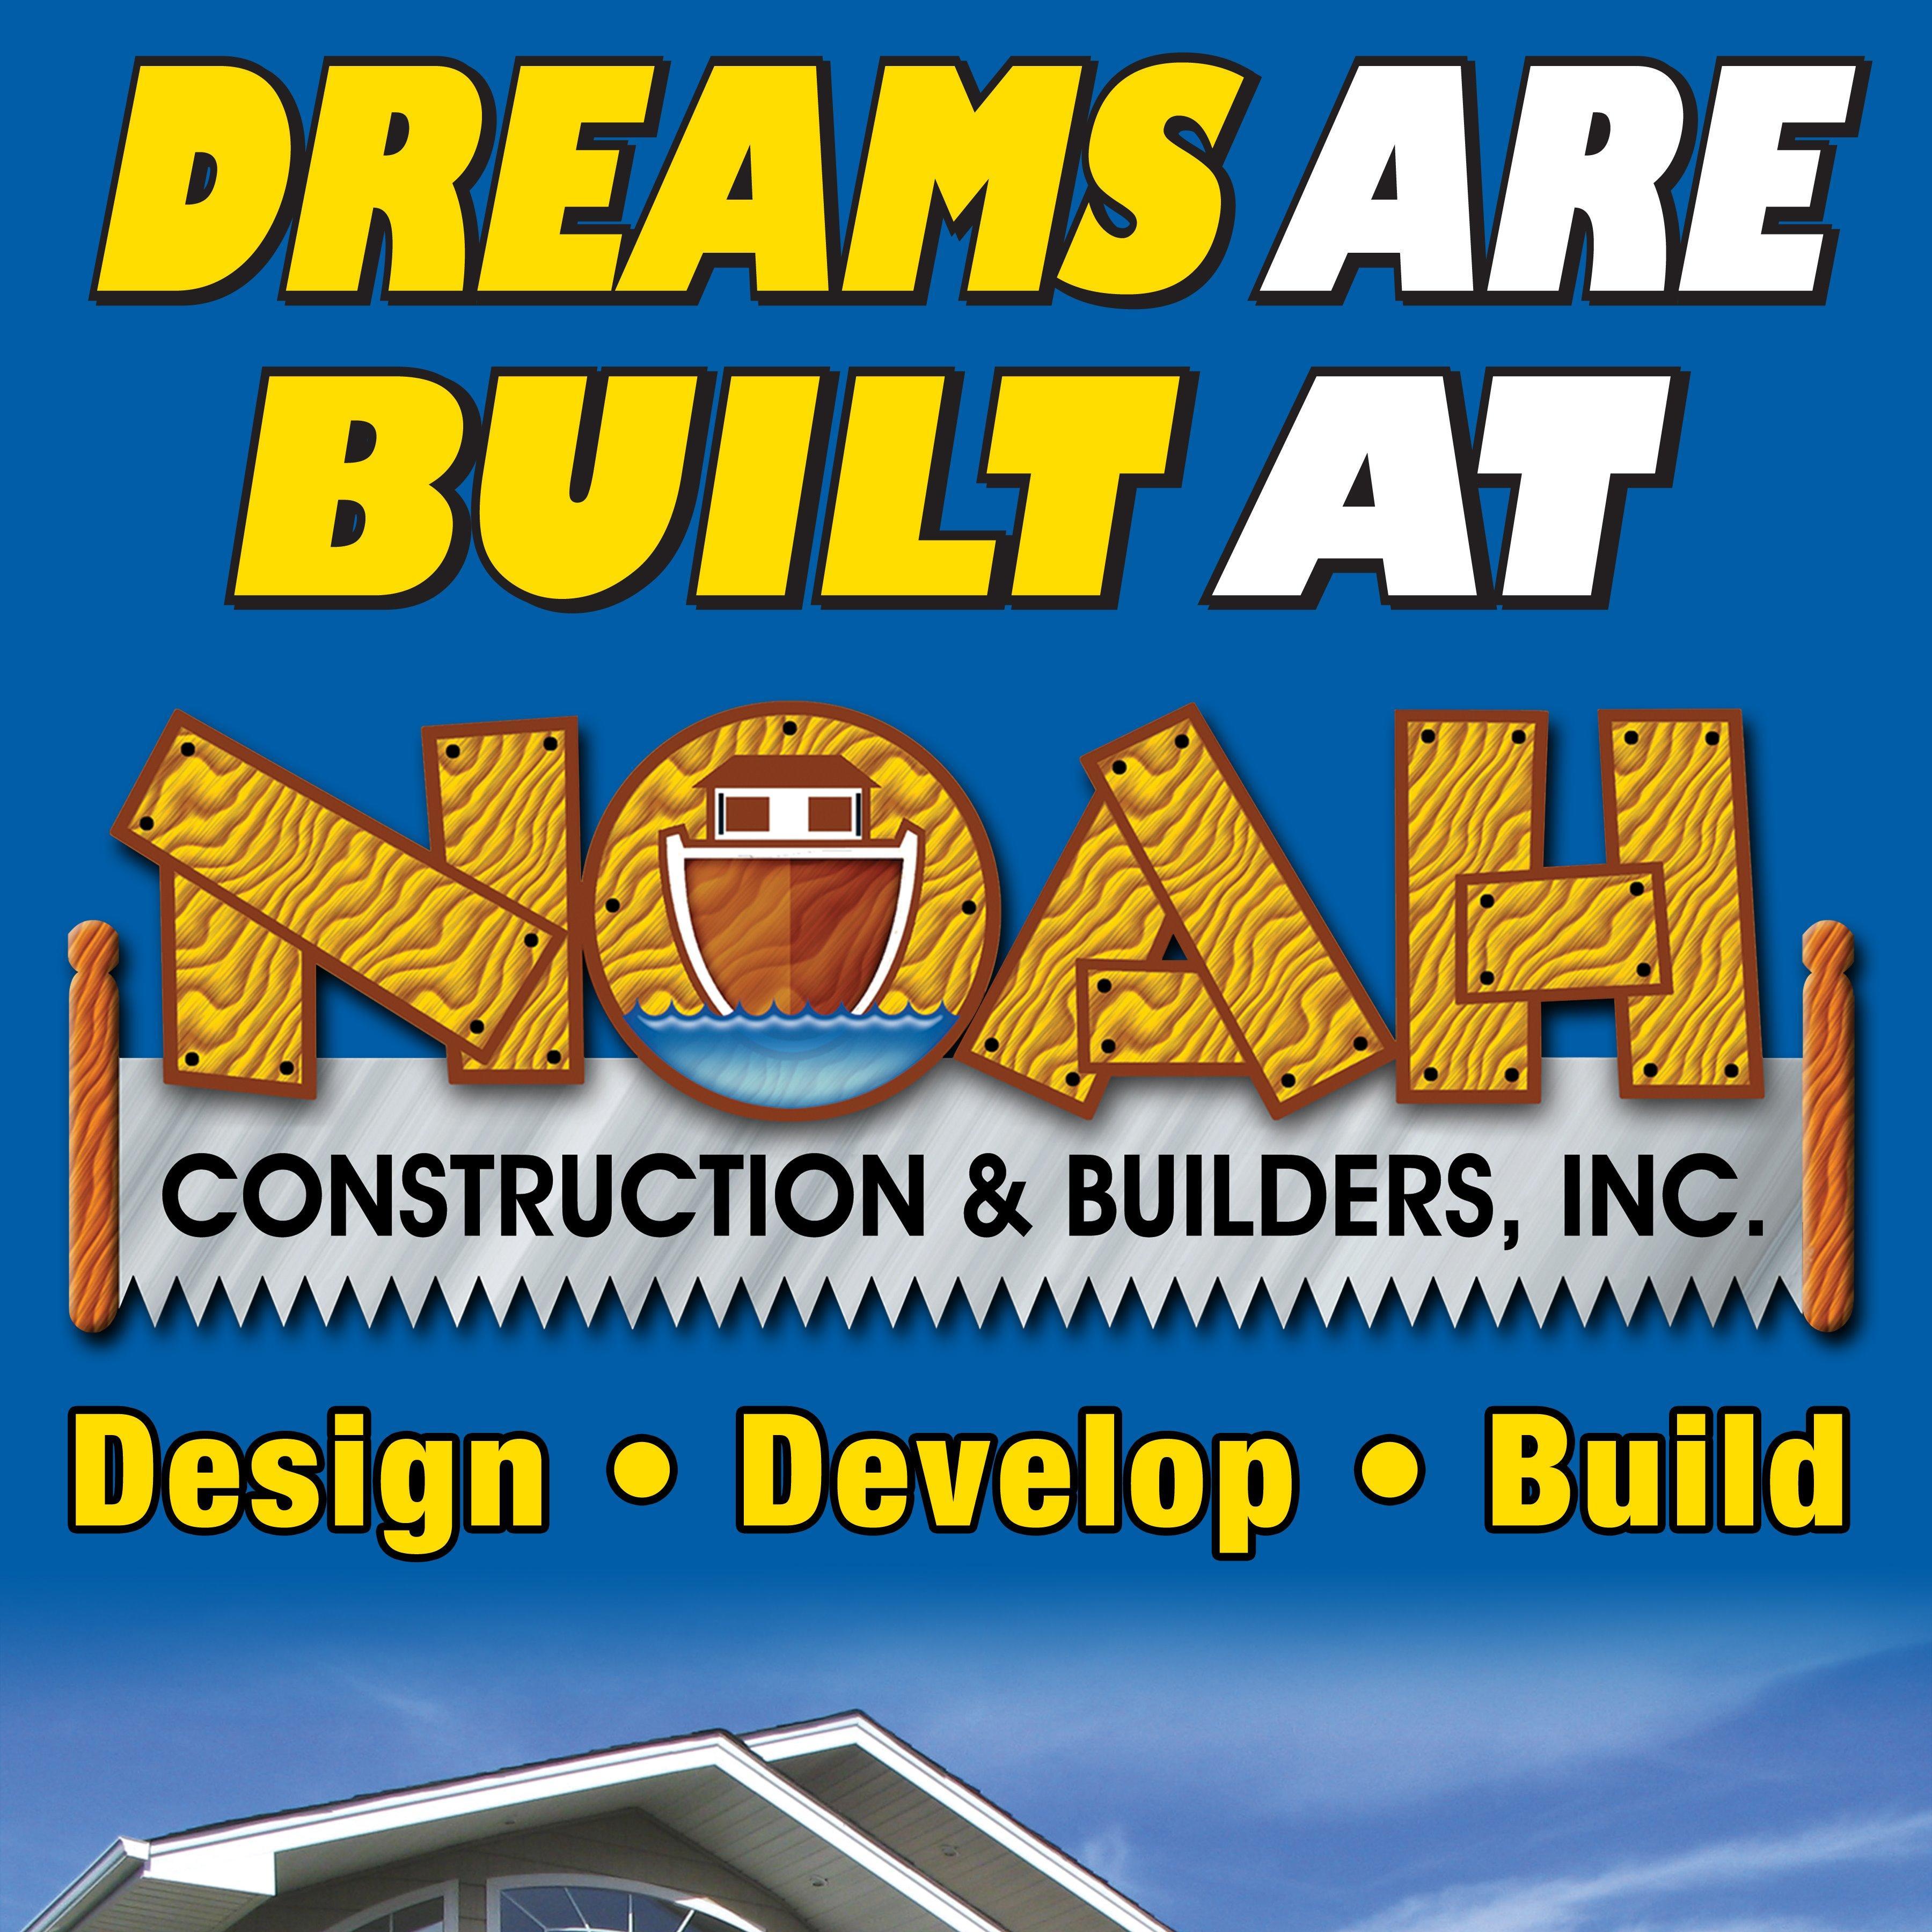 Noah Construction & Builders